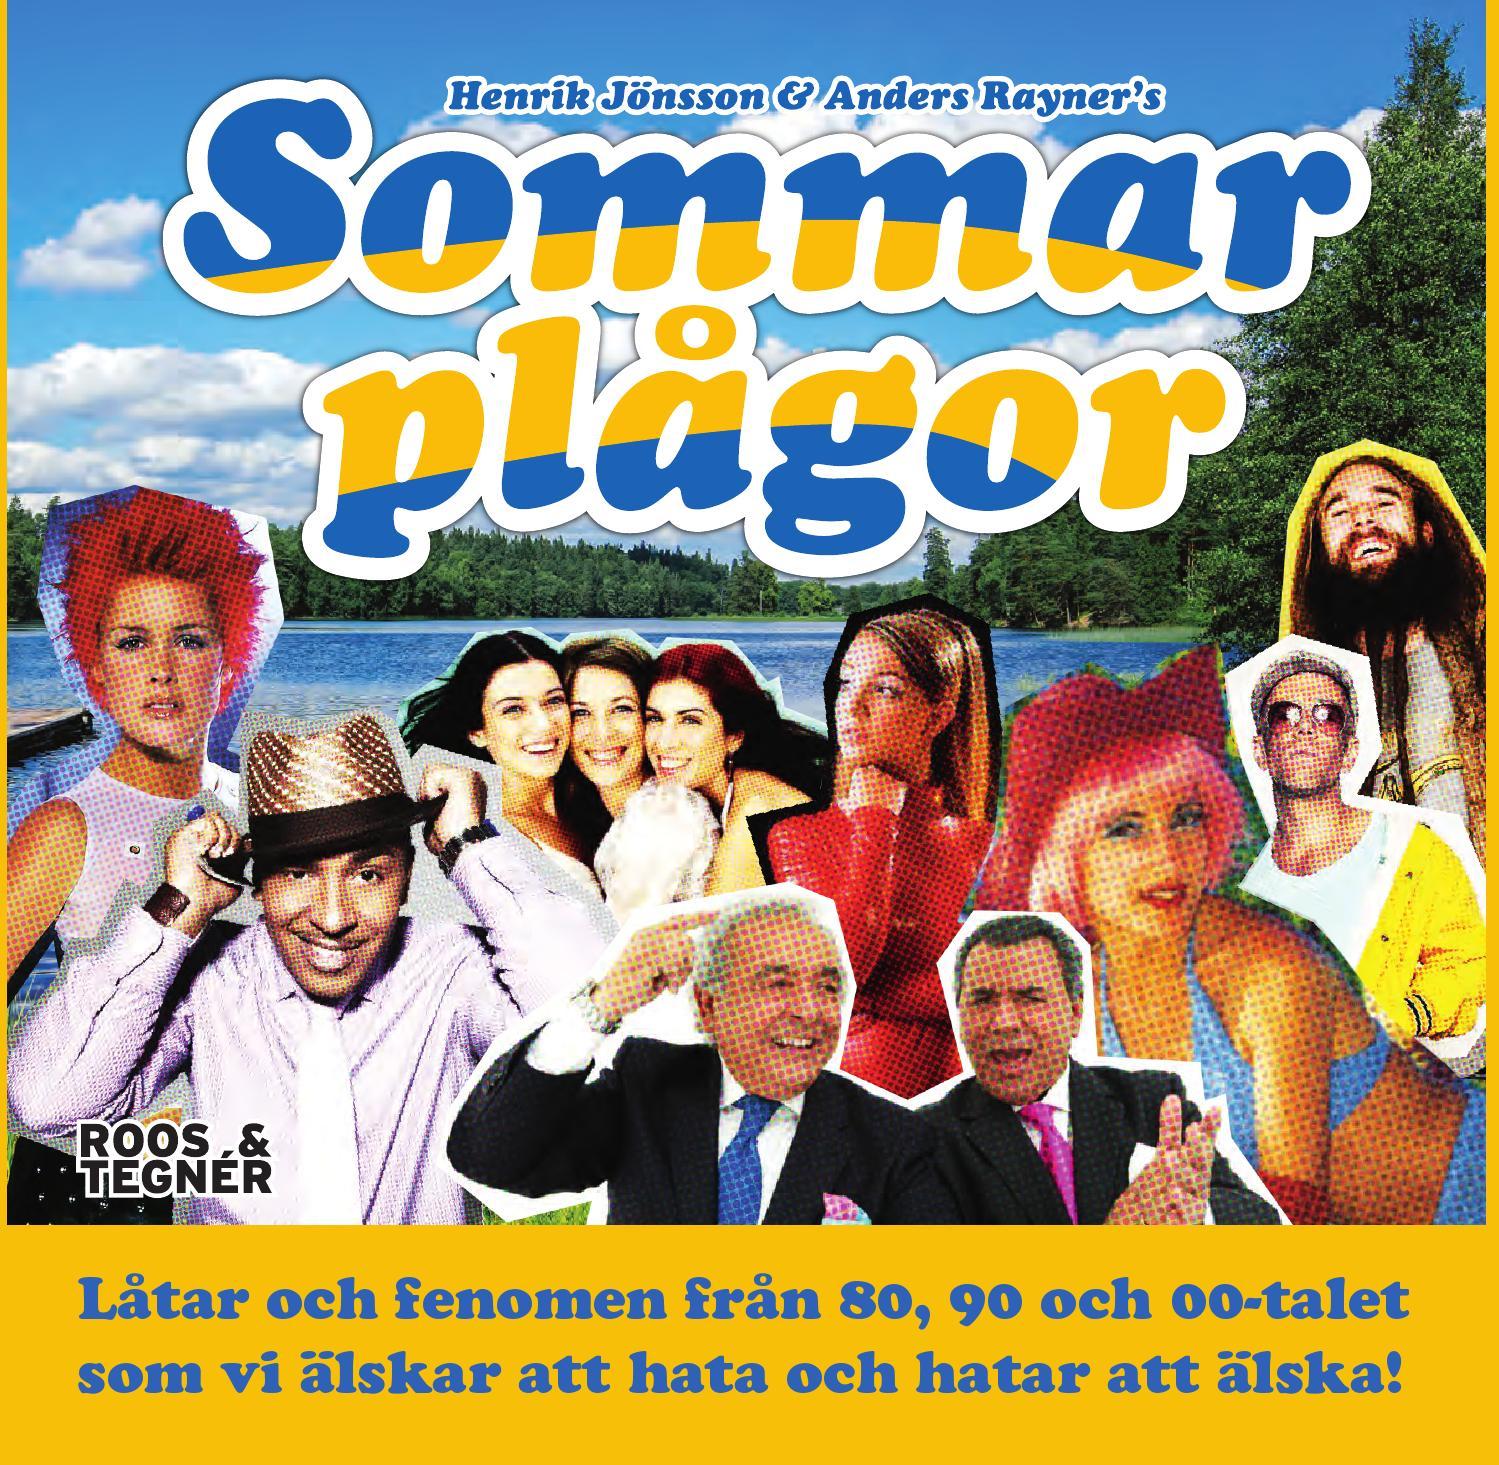 Svenskar alskade och hatade i sunny beach 2